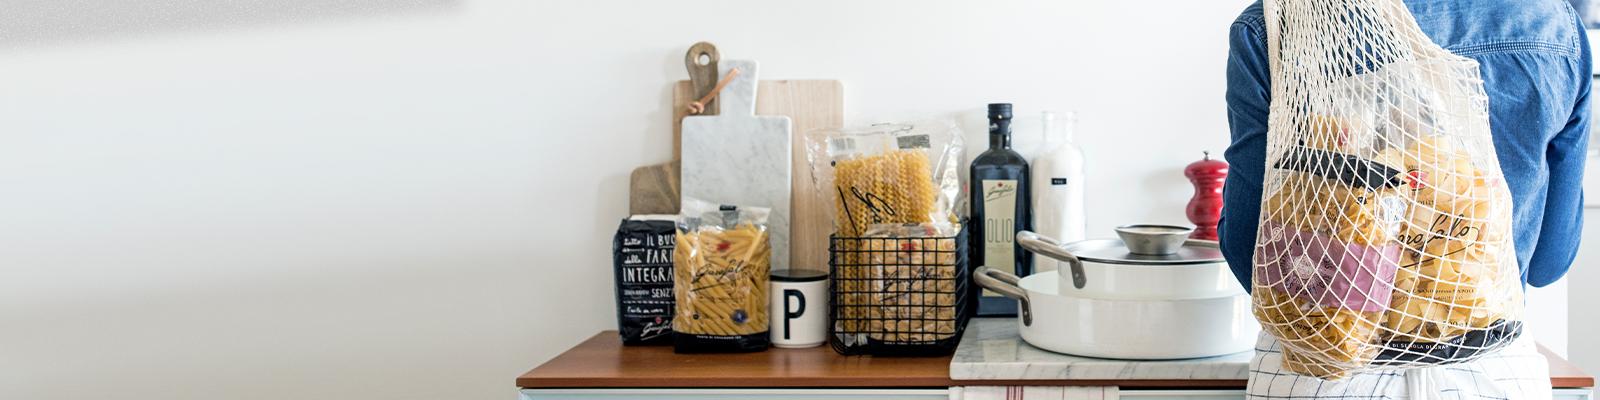 Pasta Garofalo - Encontre uma loja